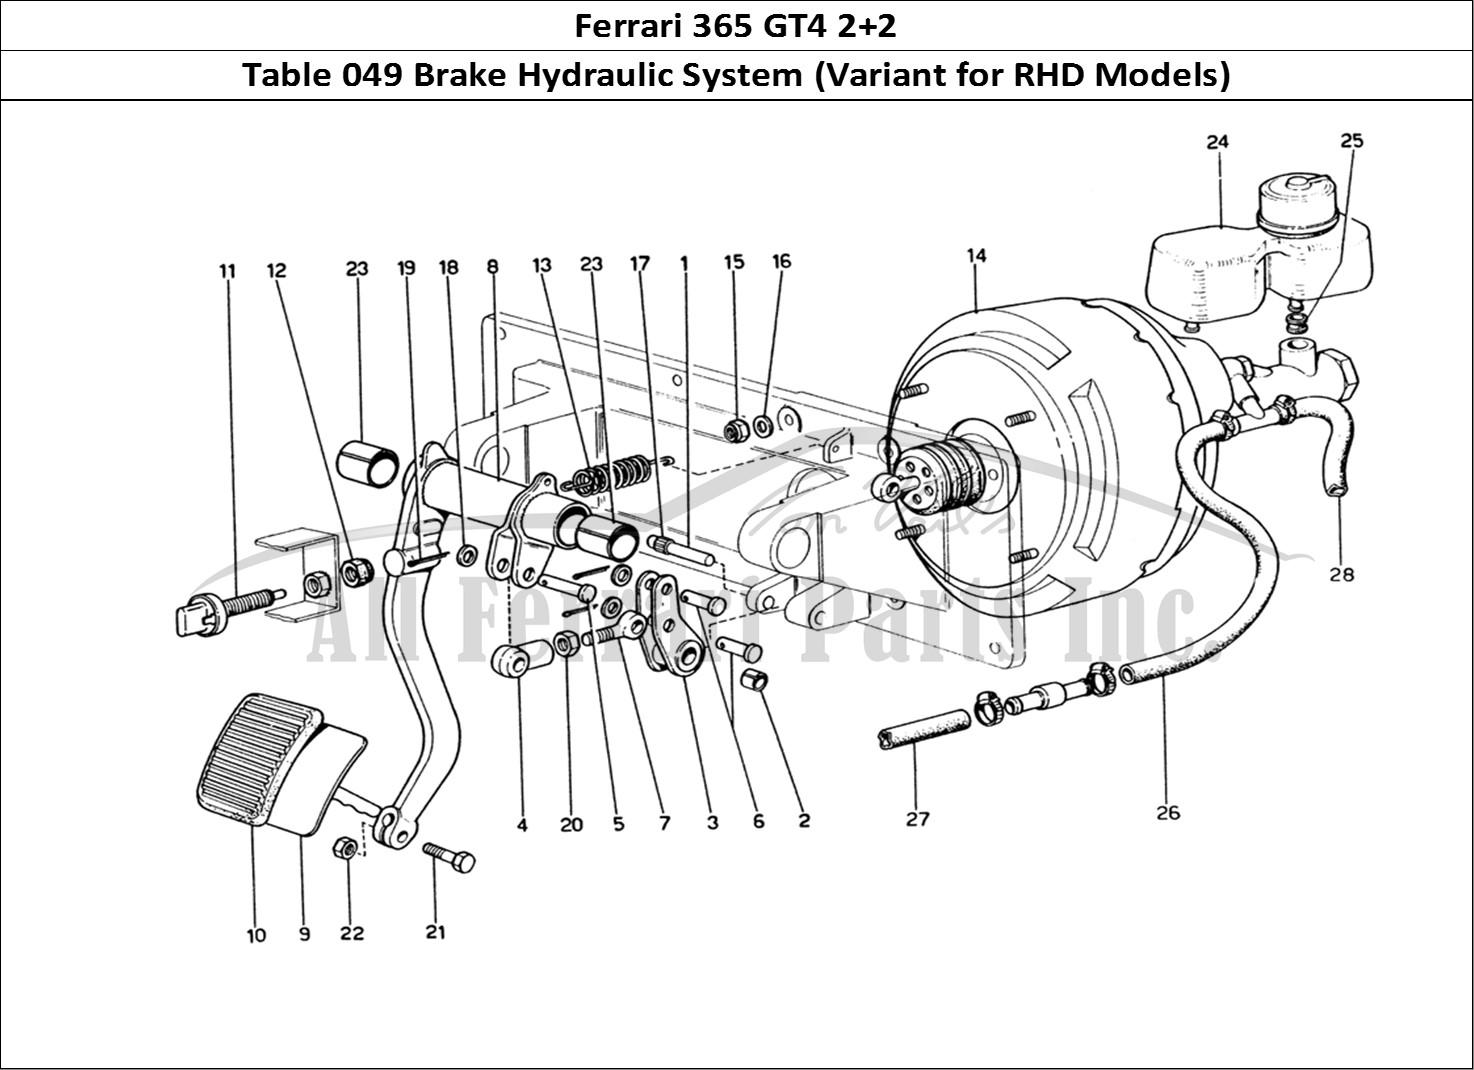 Buy original Ferrari 365 GT4 2+2 049 Brake Hydraulic